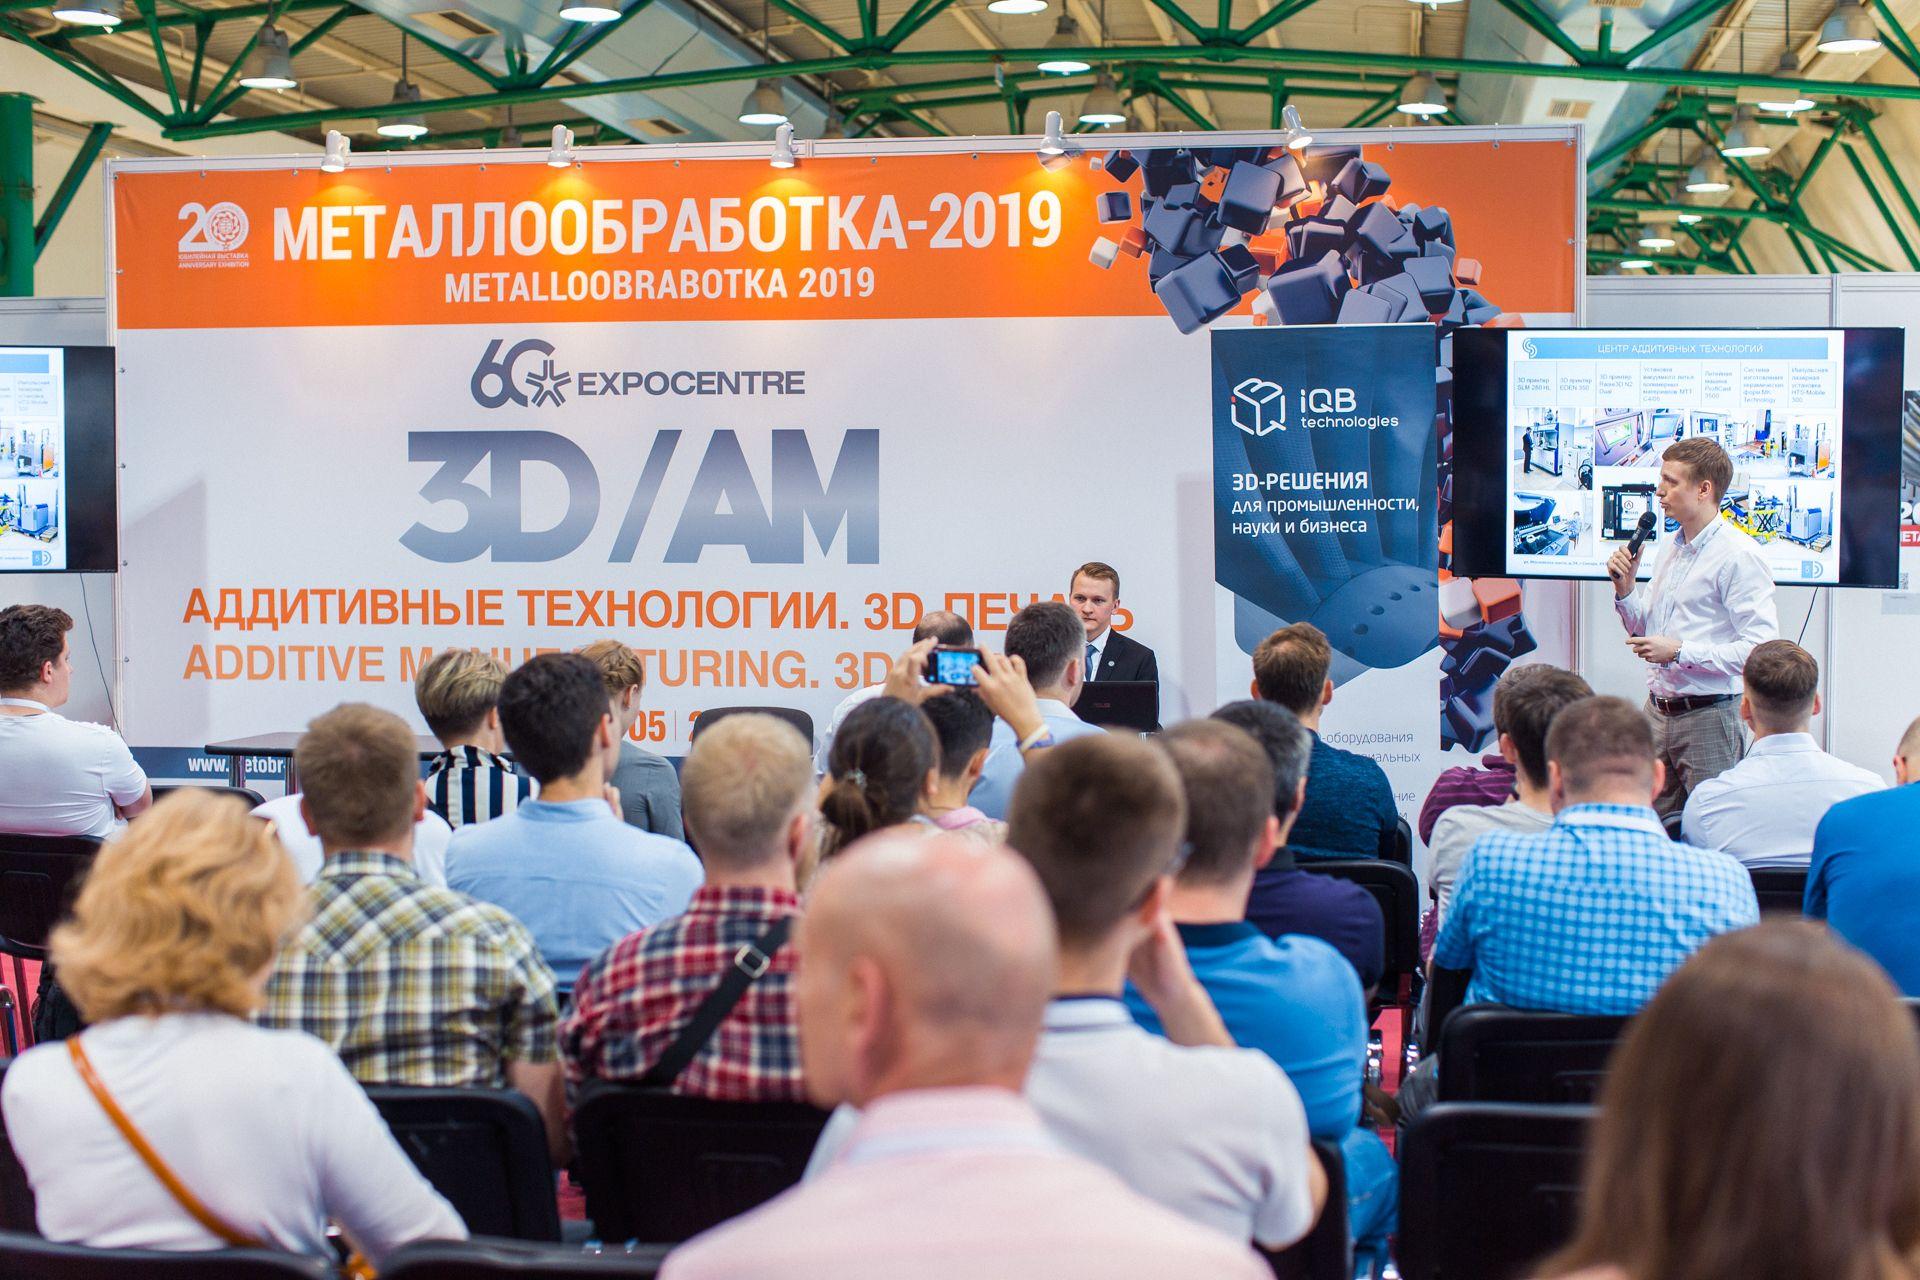 Выступление Антона Сотова: аддитивные технологии в Самарском университете